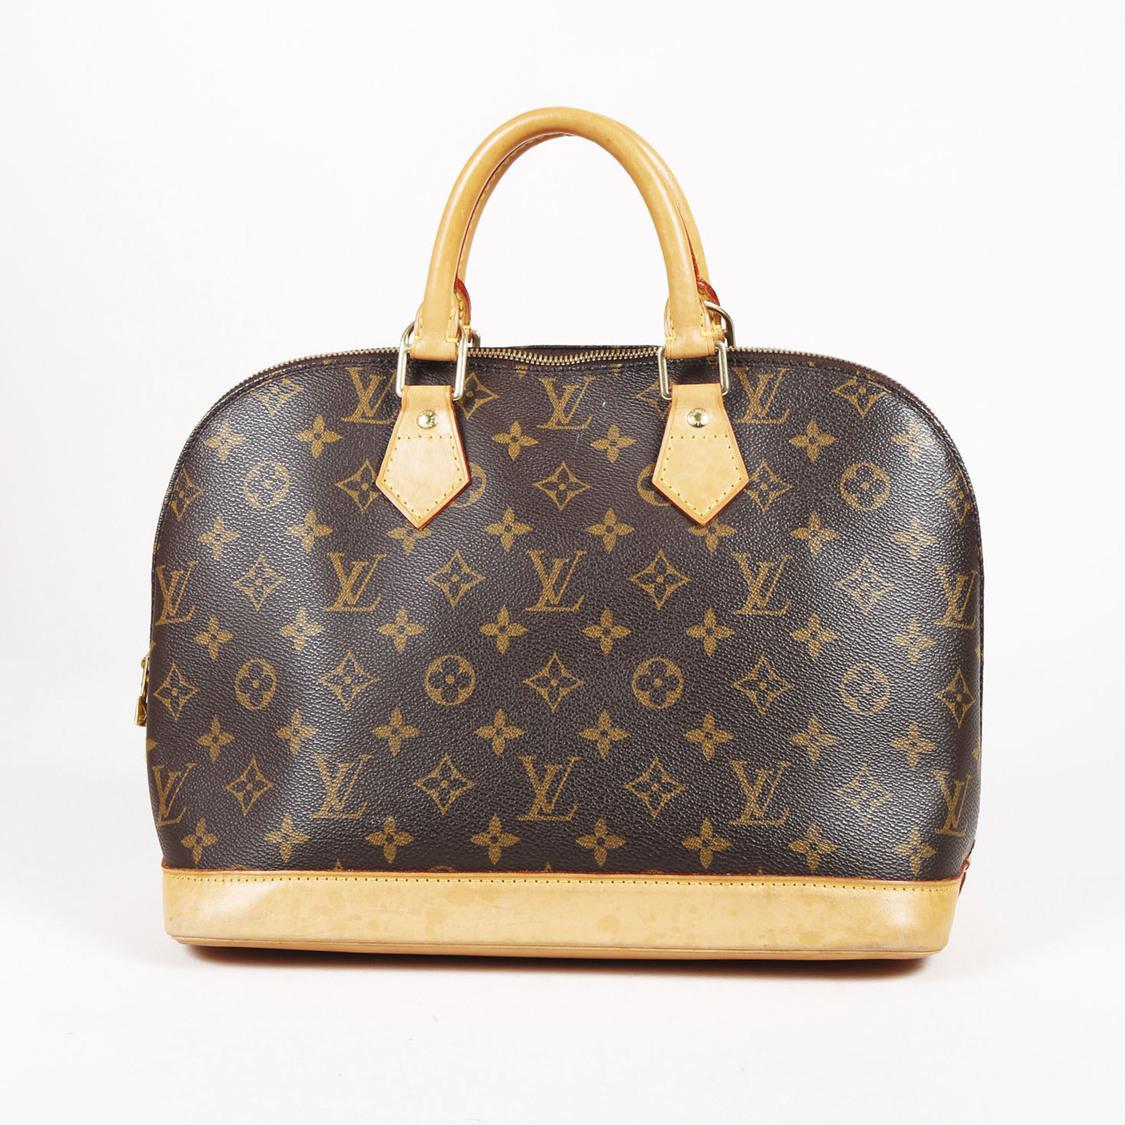 209758d7ab3e Lyst - Louis Vuitton Brown Monogram Canvas